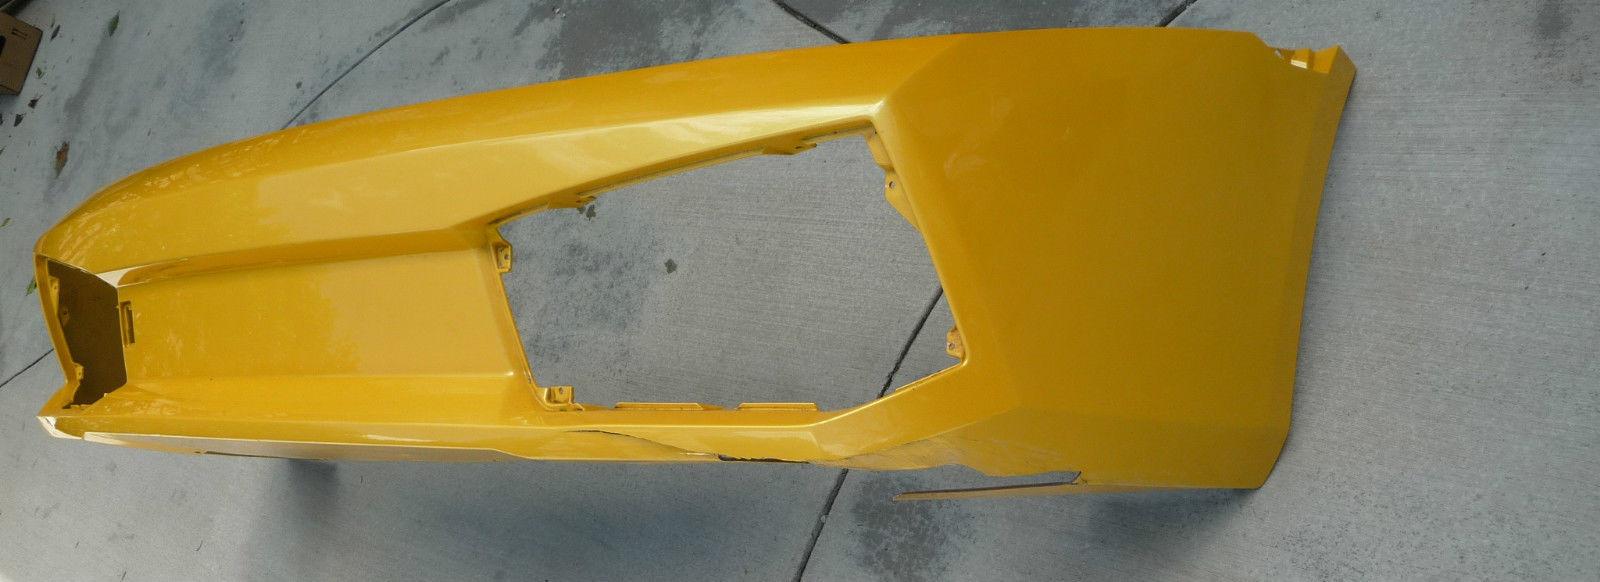 Lamborghini Front Bumper Cover 400807437 Lambo Gallardo Spyder 400807429A - Used Auto Parts Store | LA Global Parts